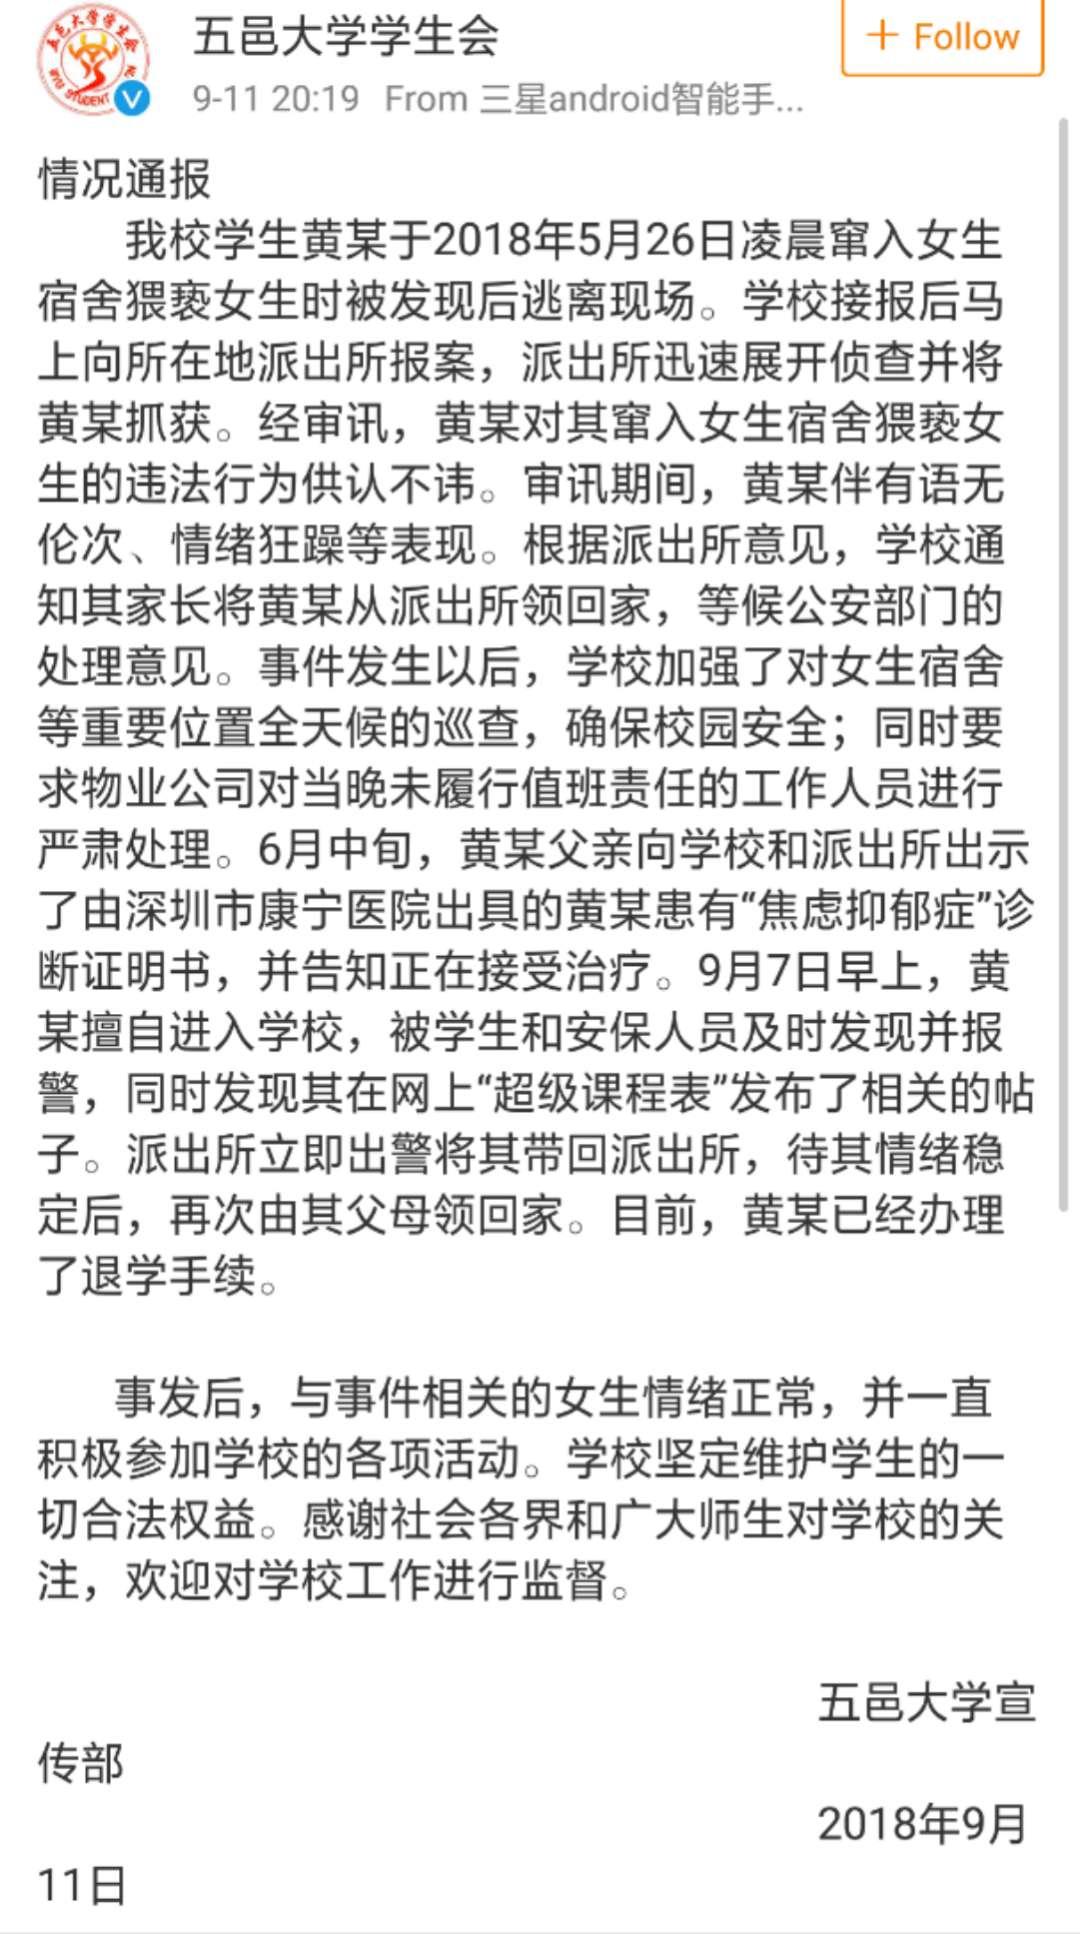 广东高校男生深夜潜入女寝,不满被退学称有抑郁症